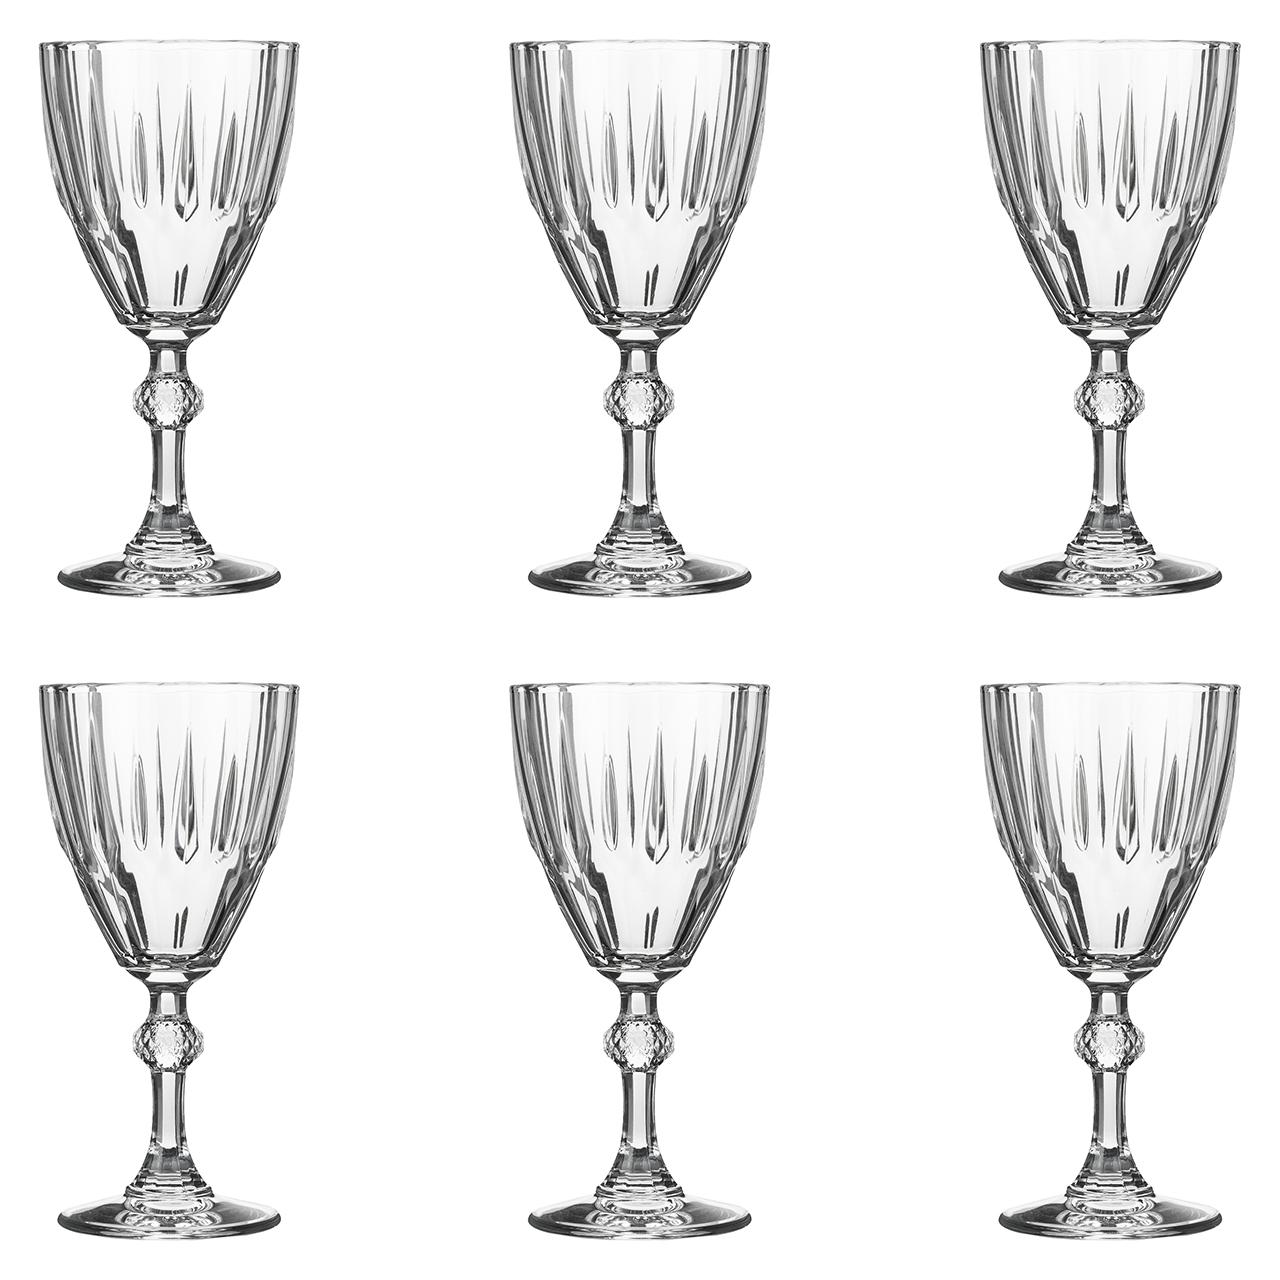 عکس لیوان پاشاباغچه مدل دیاموند کد 44757 بسته 6 عددی